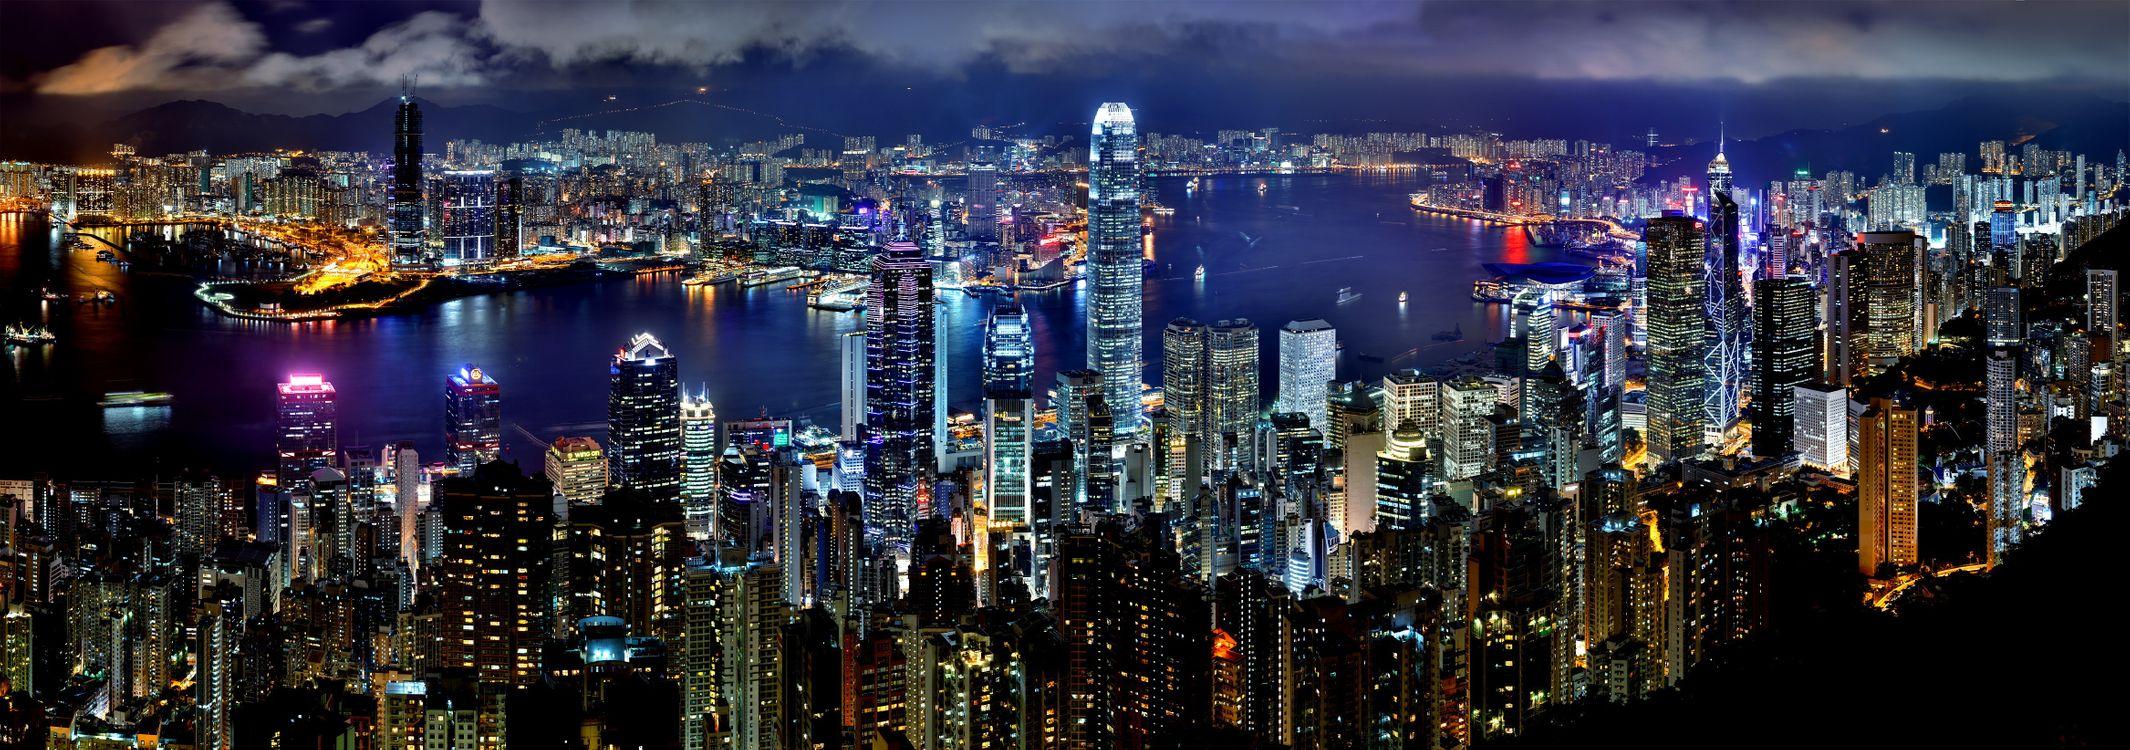 Фото бесплатно панорама, поддержка двух мониторов, ночь - на рабочий стол